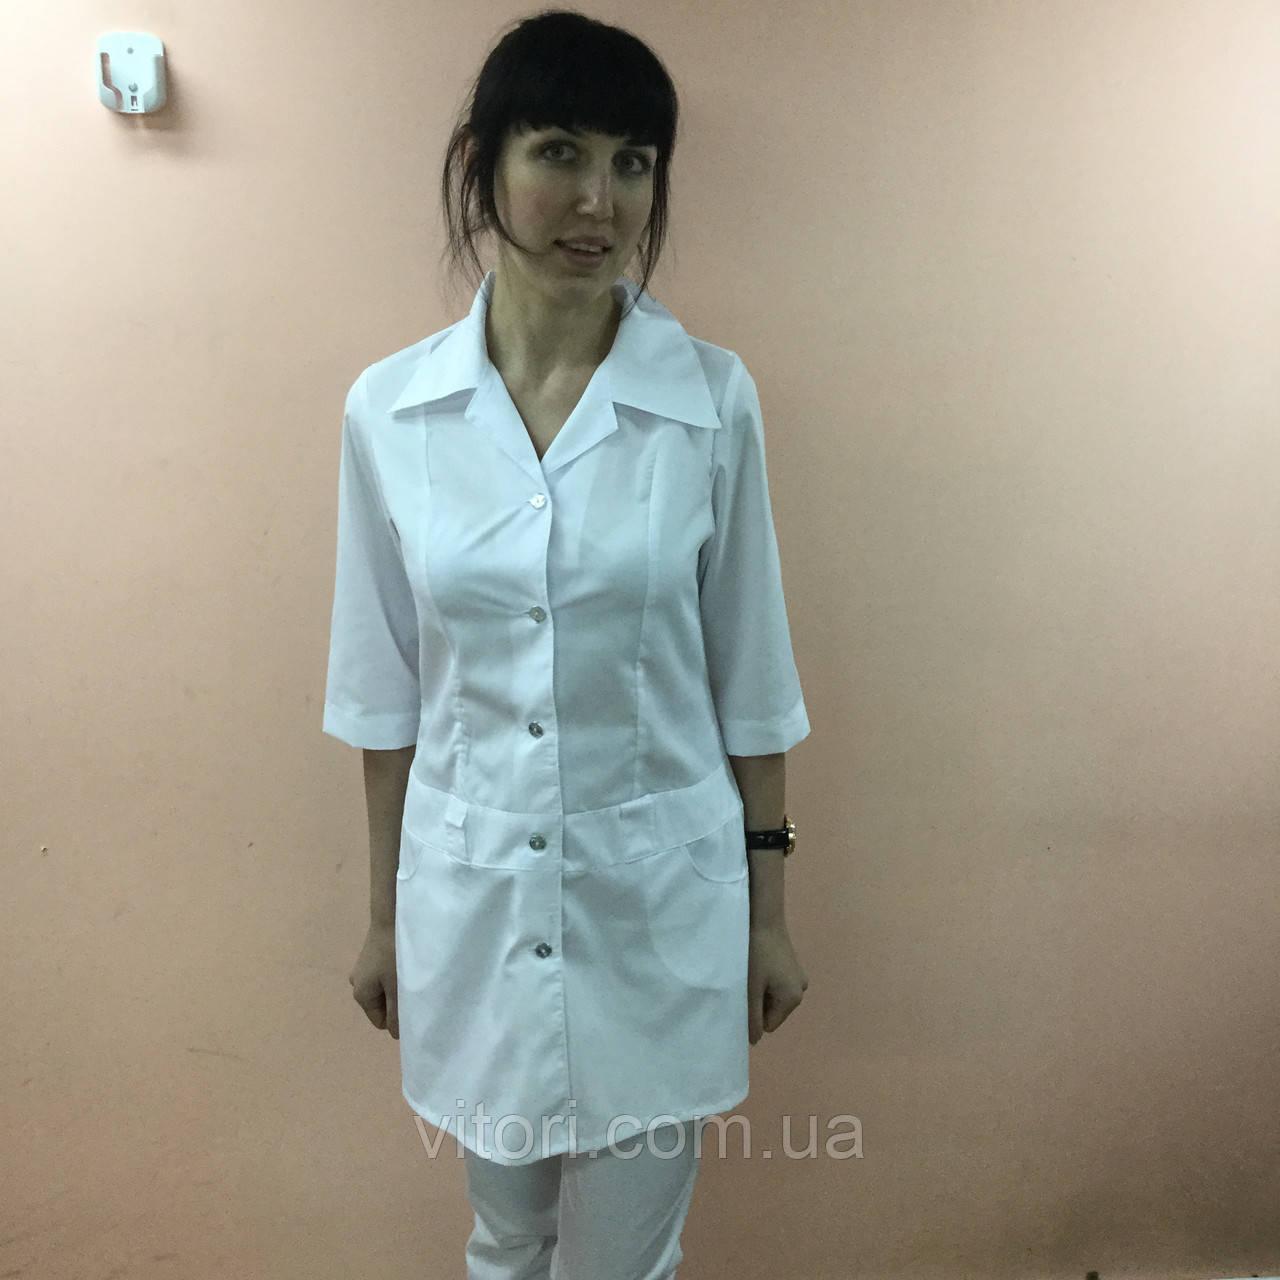 Женский медицинский халат Диско короткий рукав хлопок